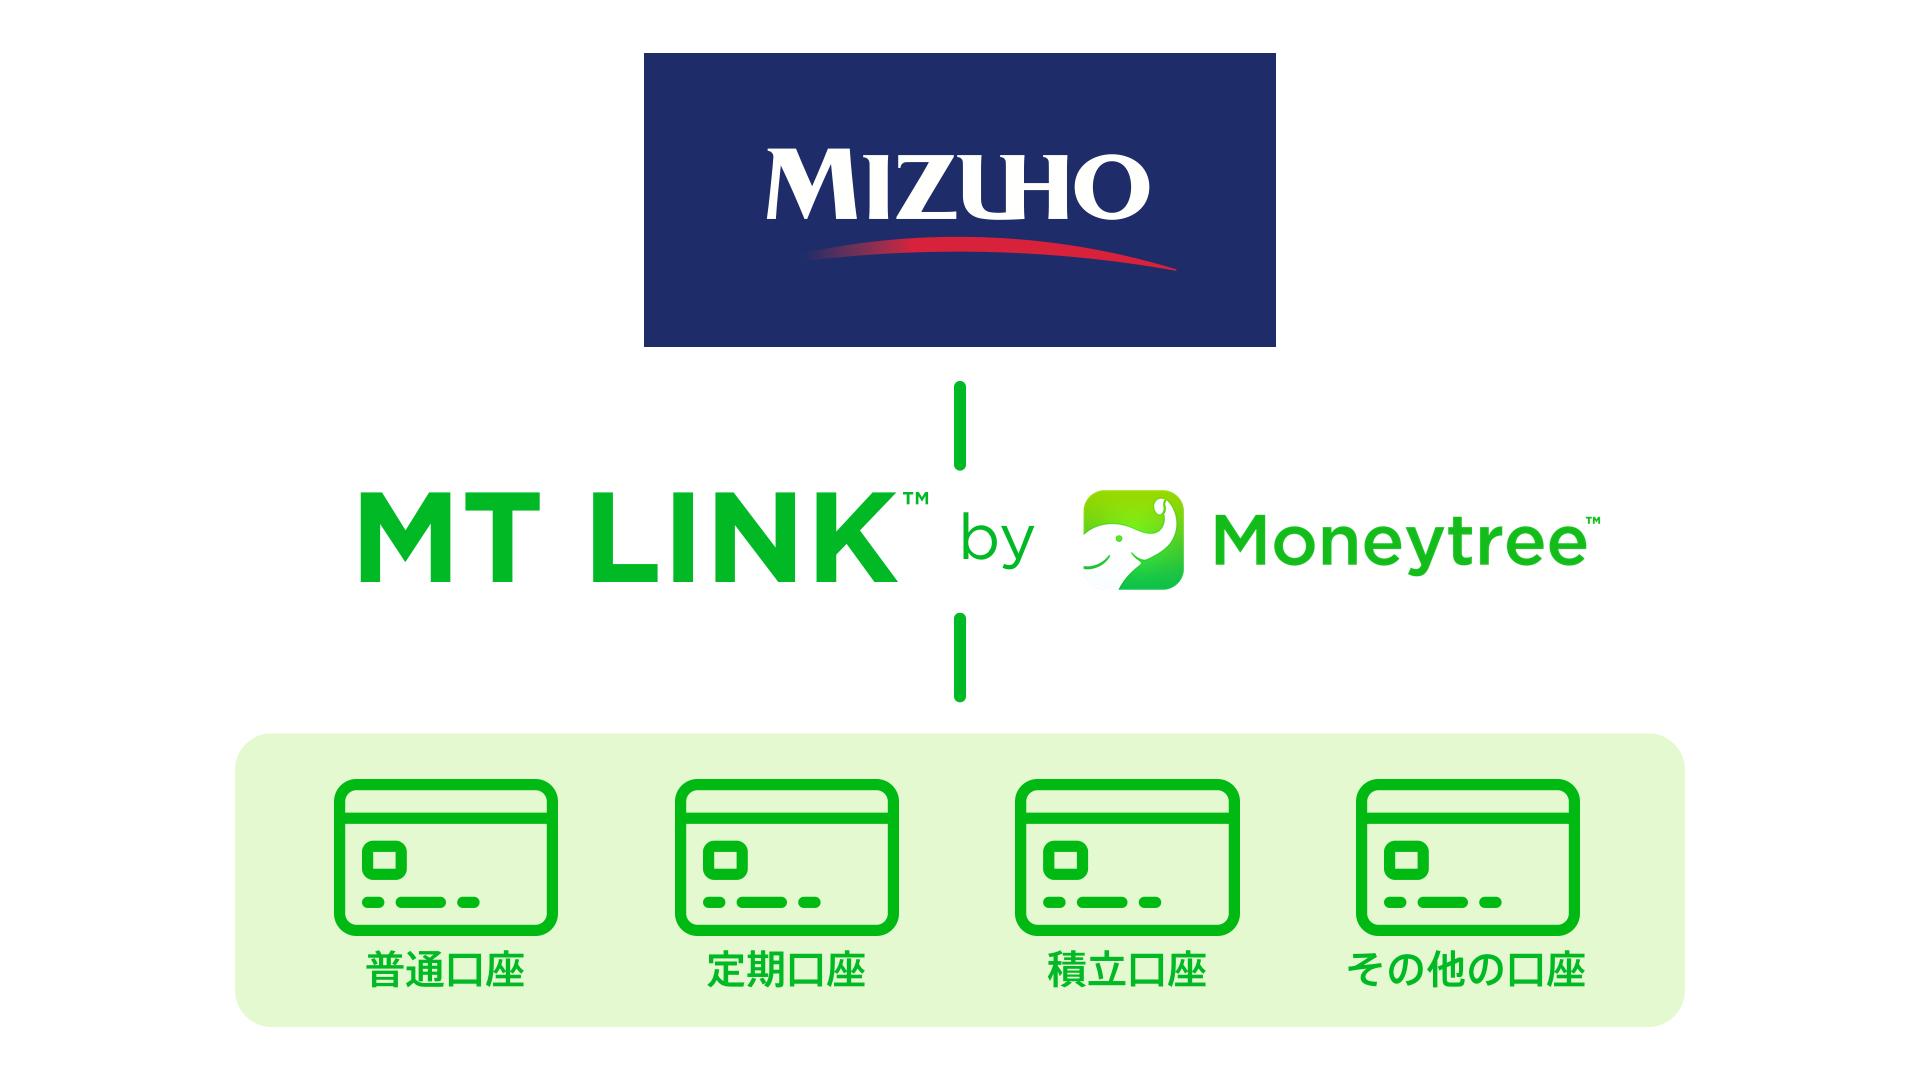 MT LINK - Mizuho